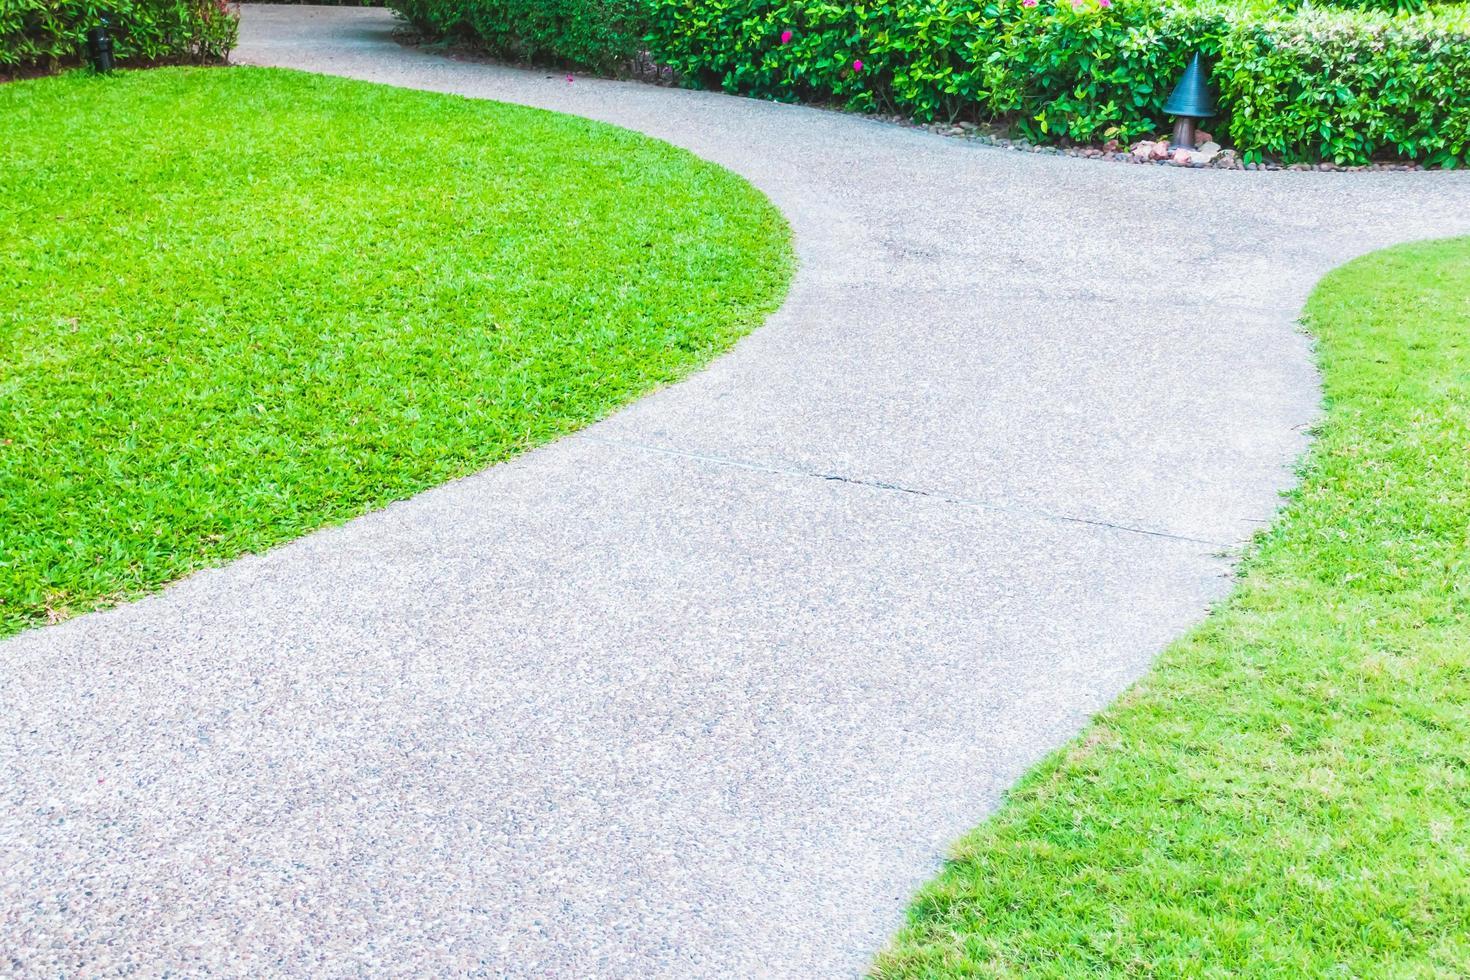 camino de piedra en el jardín foto